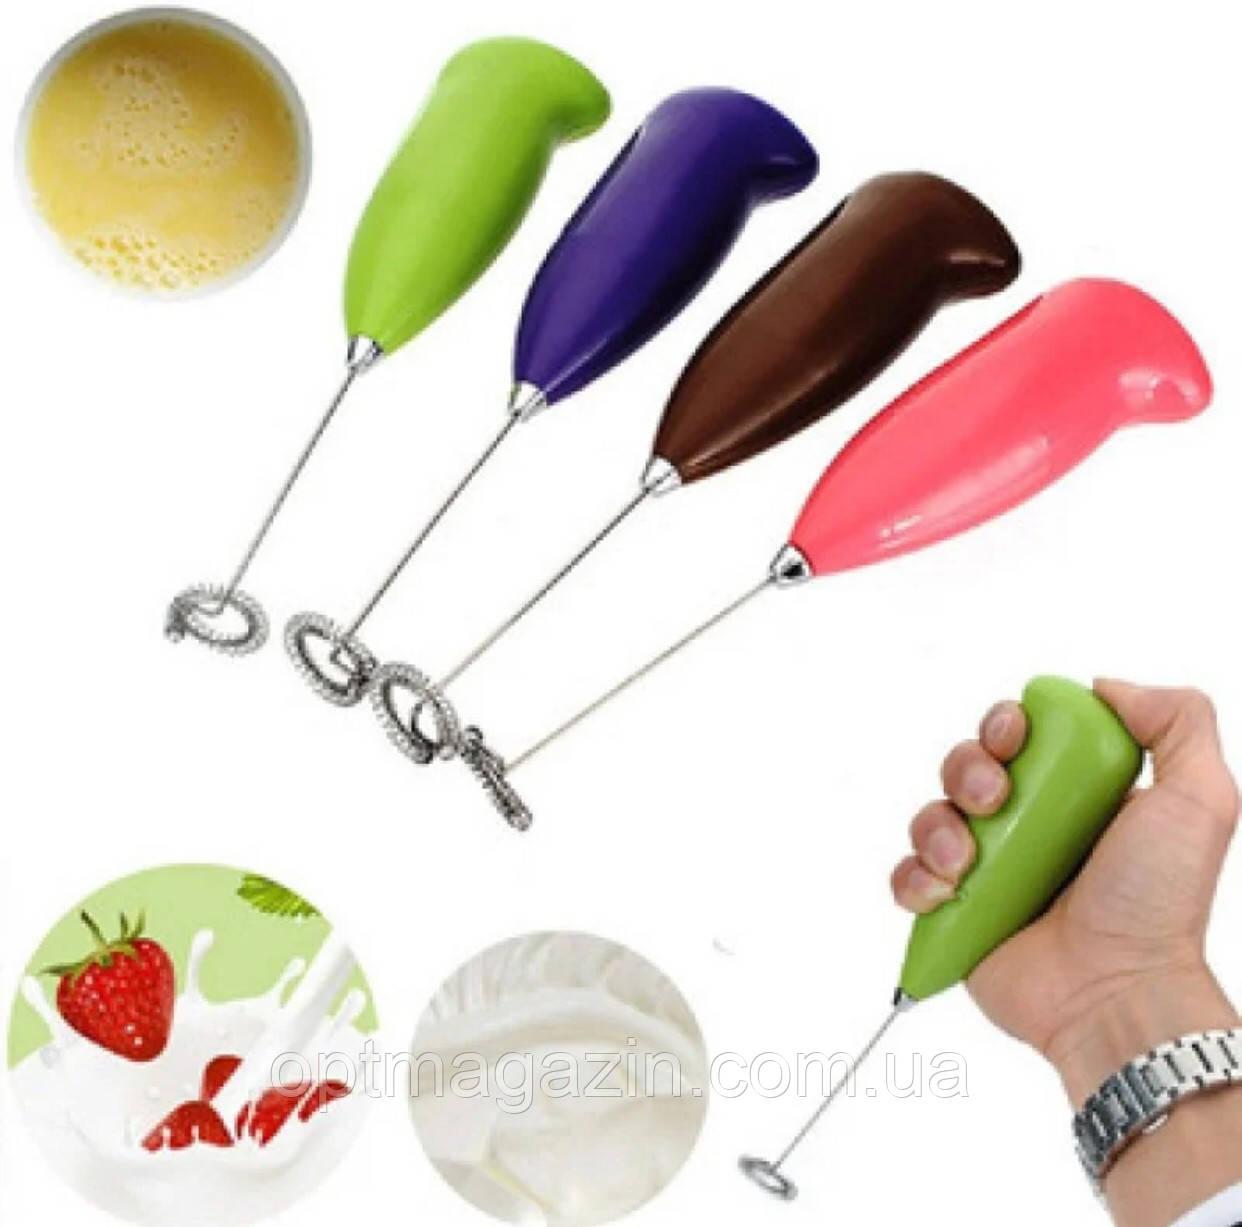 Ручной мини-миксер для кухни HongXing